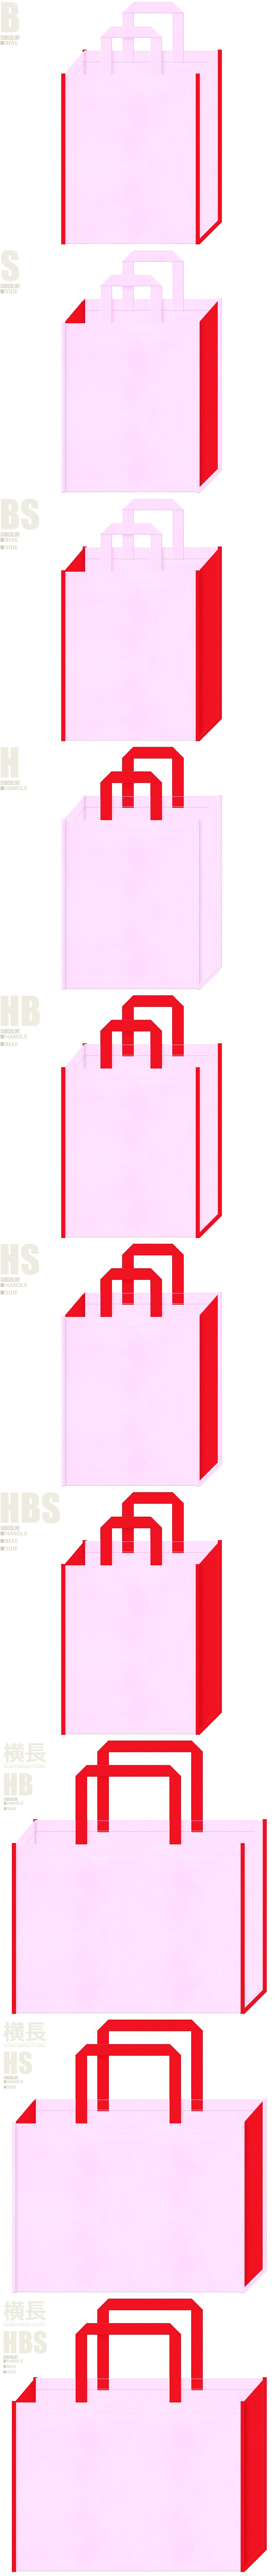 イチゴ大福・イチゴミルクイメージの、明るめのピンク色と赤色、7パターンの不織布トートバッグ配色デザイン例。